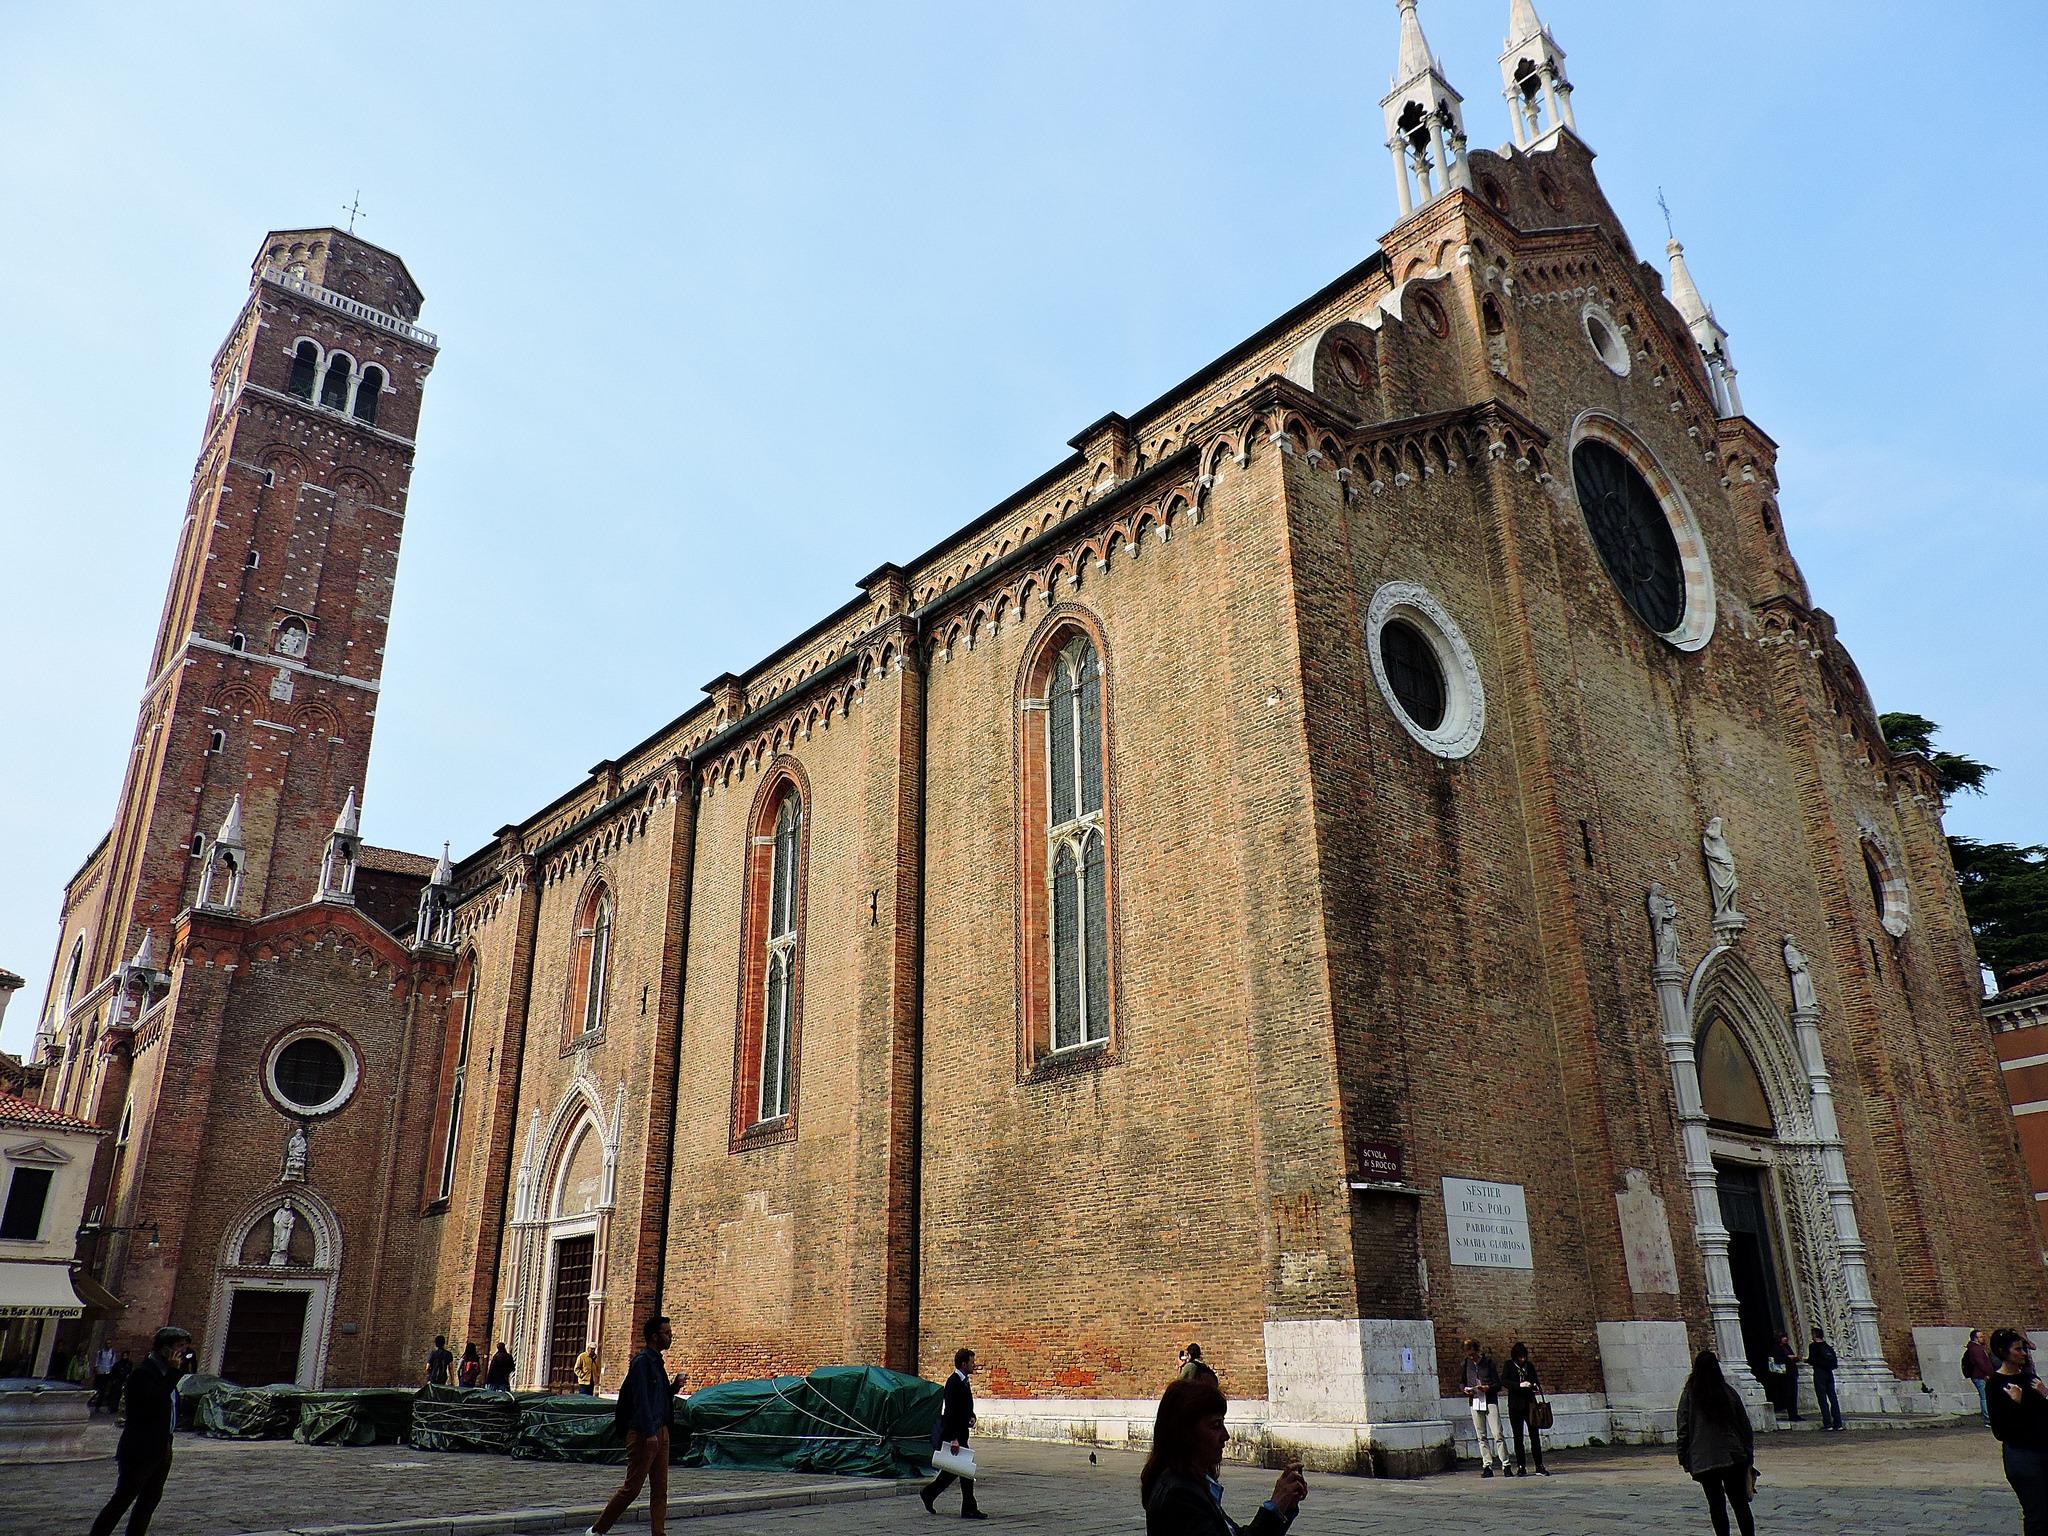 Basilica of Santa Maria Gloriosa dei Frari